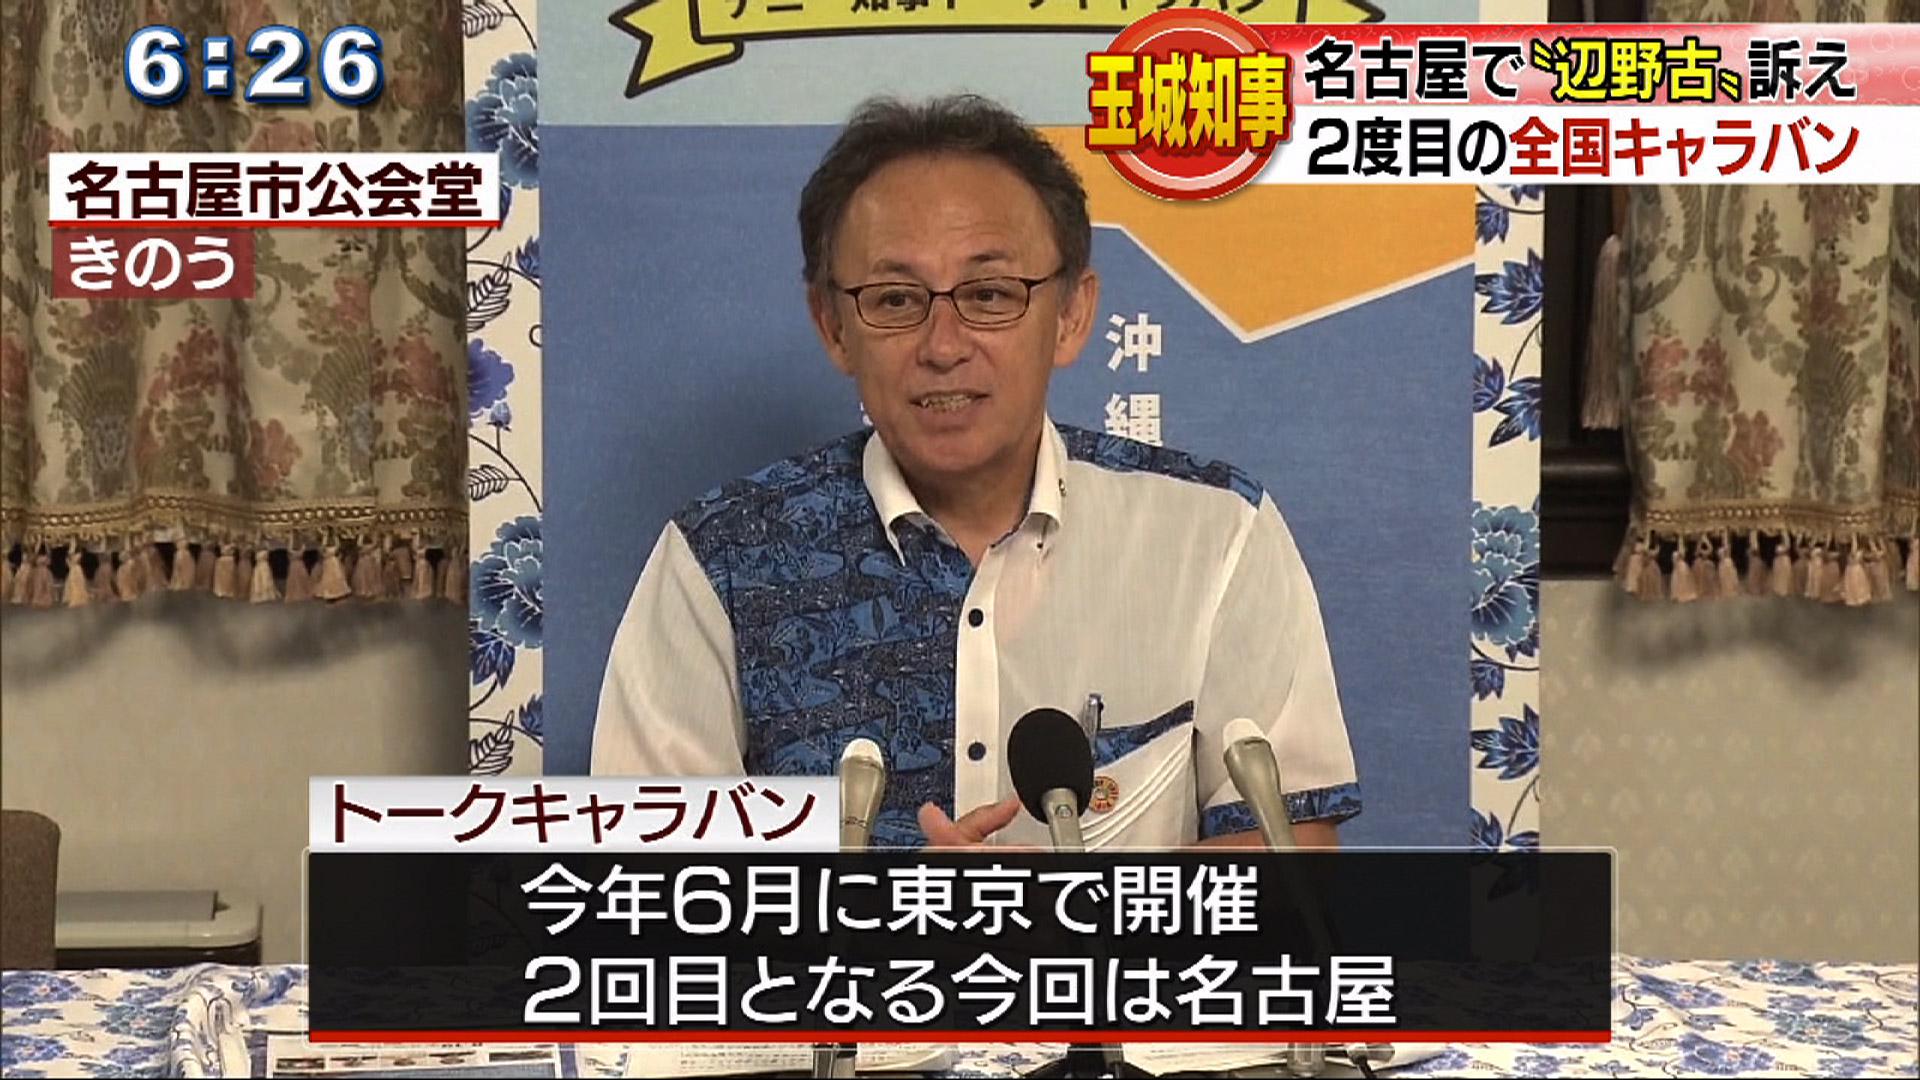 玉城知事 基地問題訴え名古屋でトークキャラバン